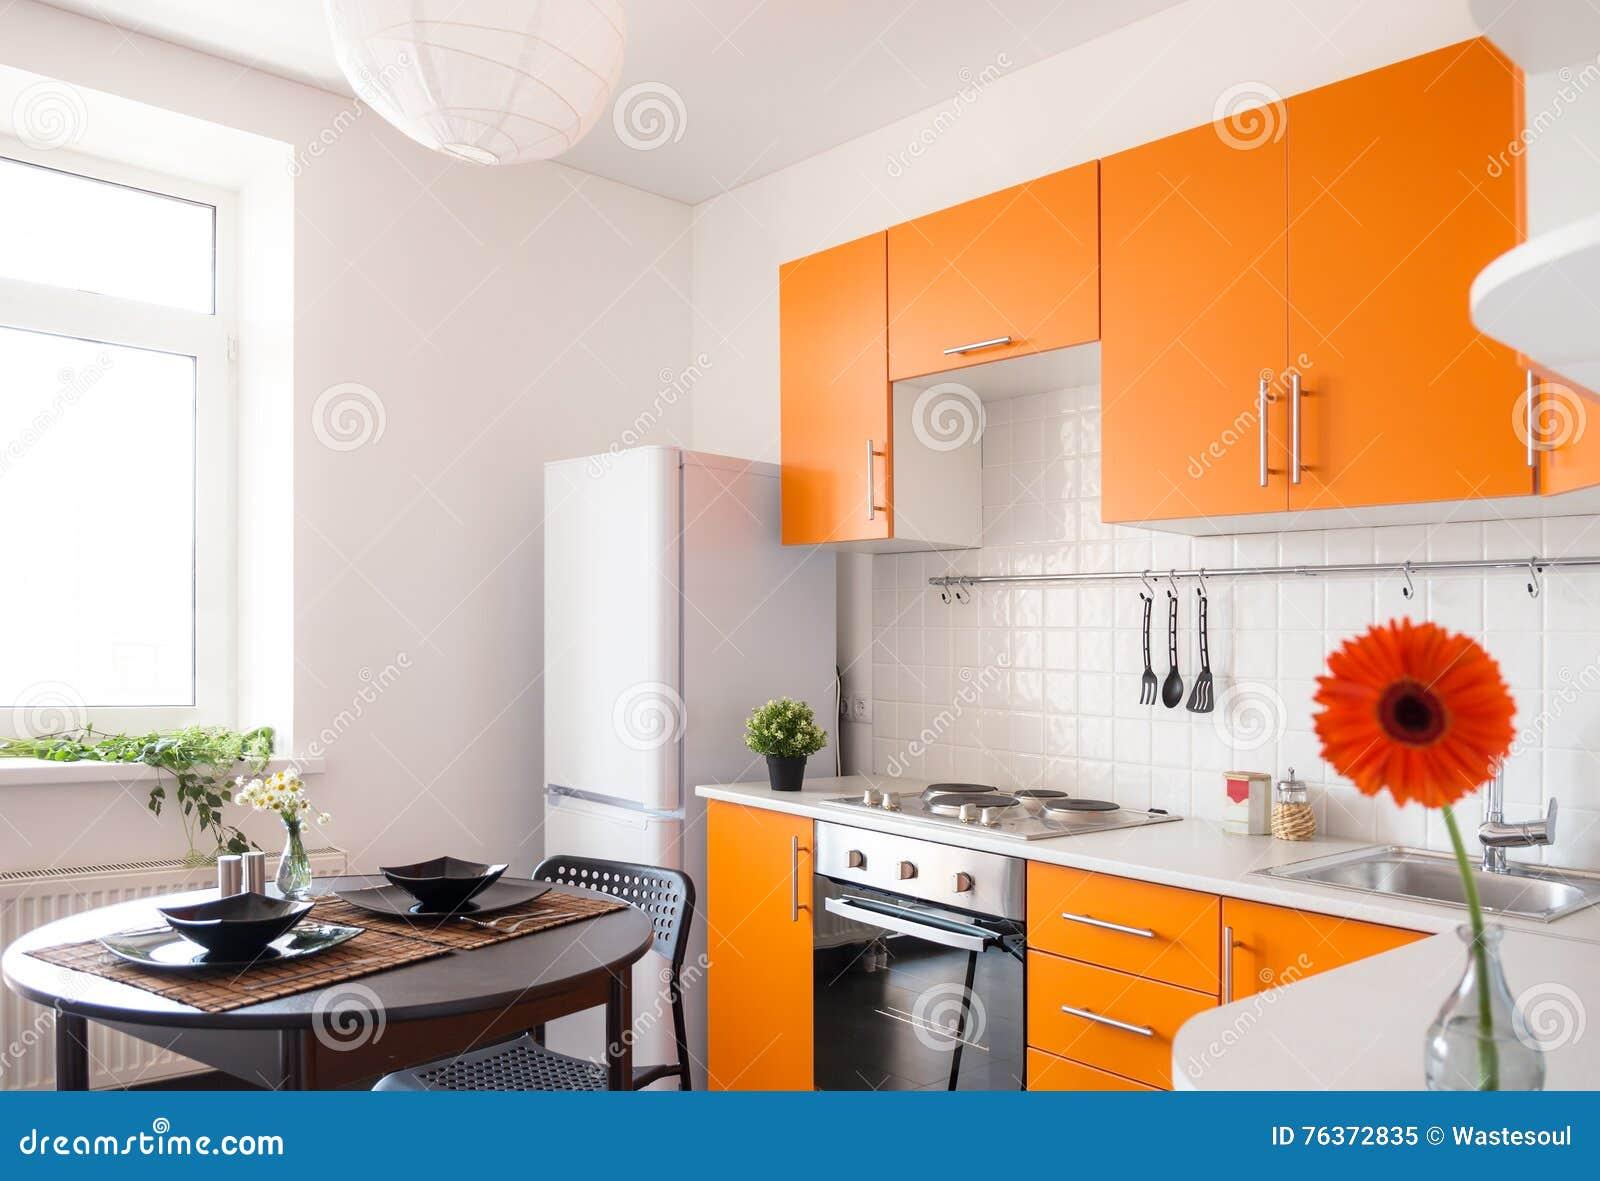 Cucina Moderna Arancione.Cucina Arancione Moderna Immagine Stock Immagine Di